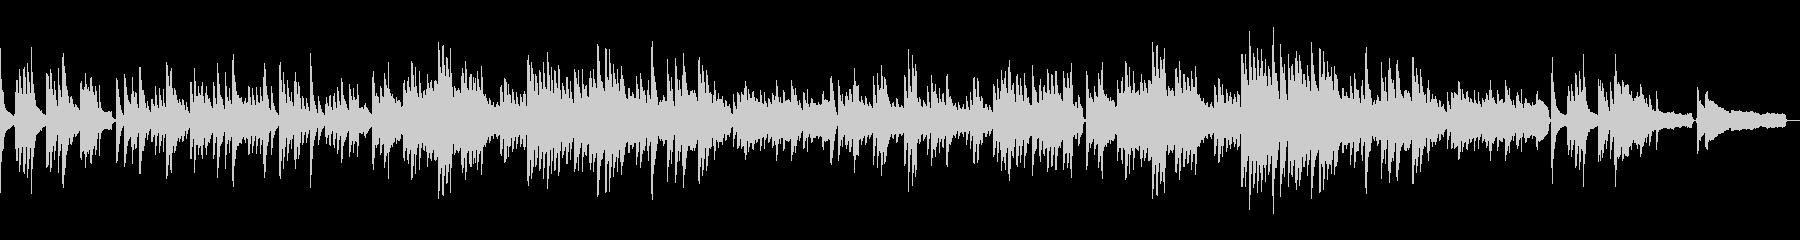 ピアノでオシャレに 別れの曲・ショパン1の未再生の波形